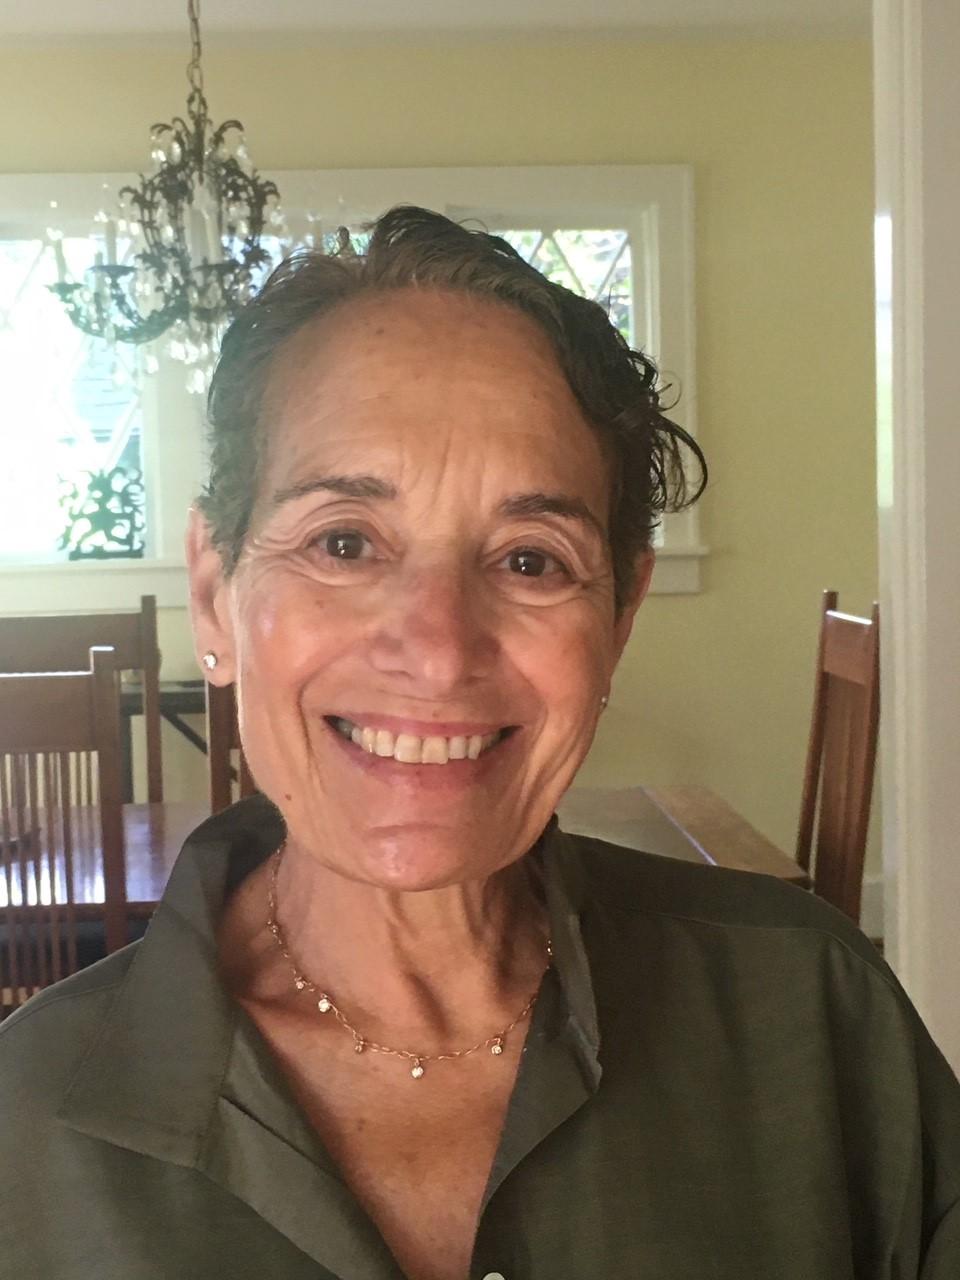 Professor Candice Amich